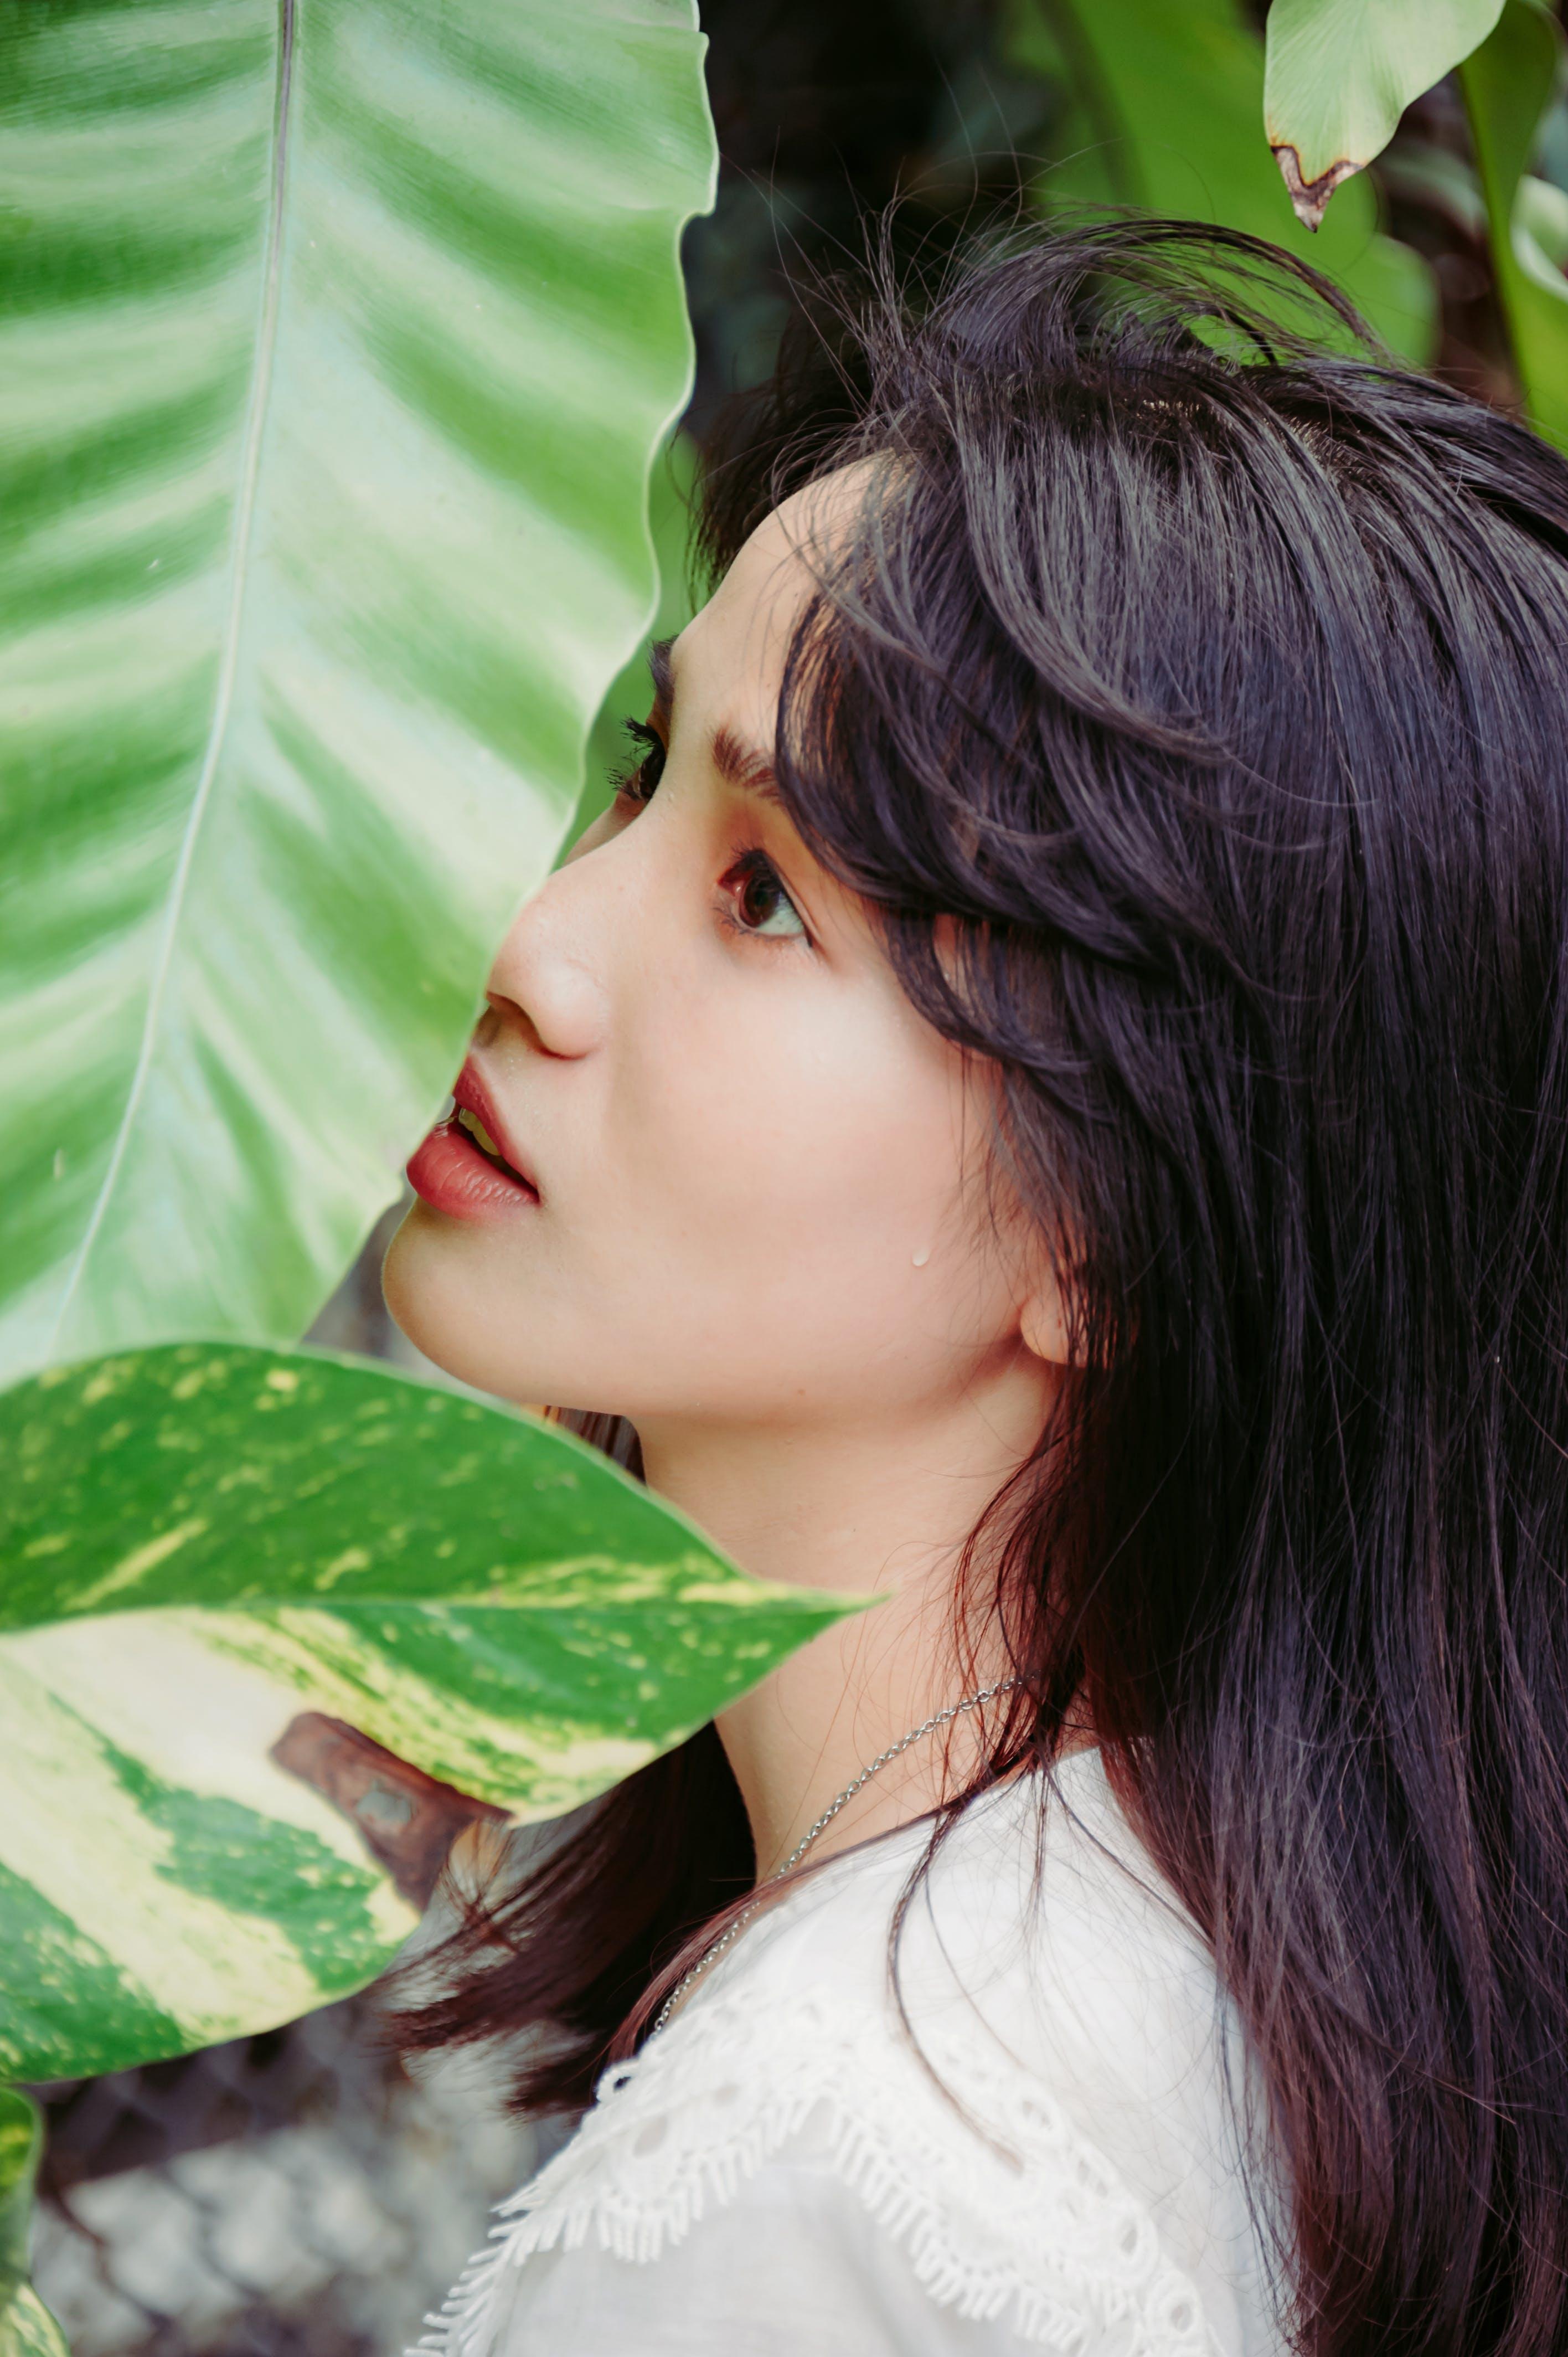 Woman's Face Near Leaf